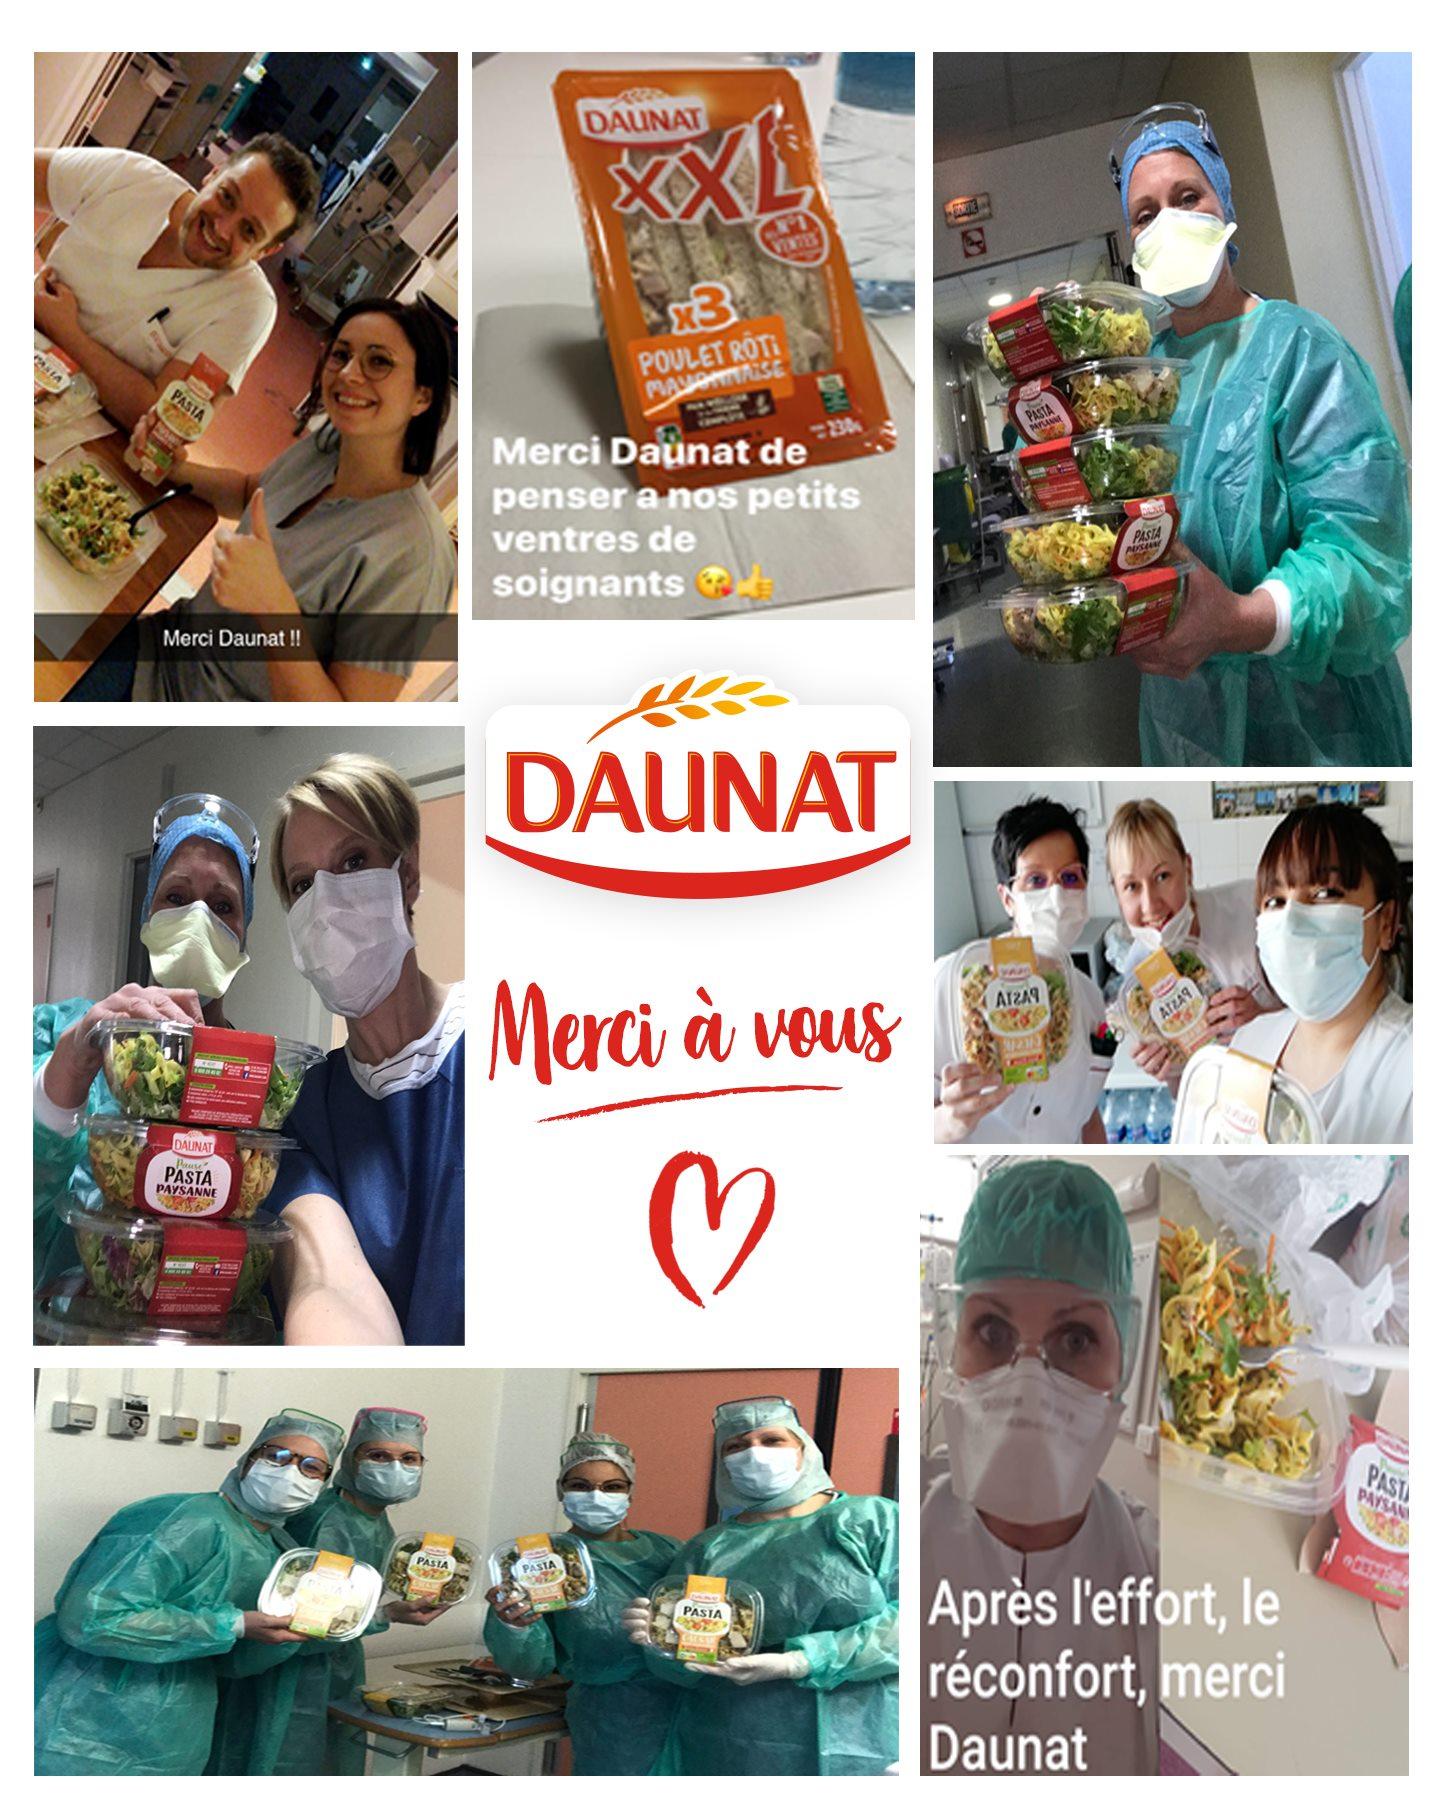 91049545 1539266542913308 6691434926908112896 o - Daunat soutient le personnel soignant